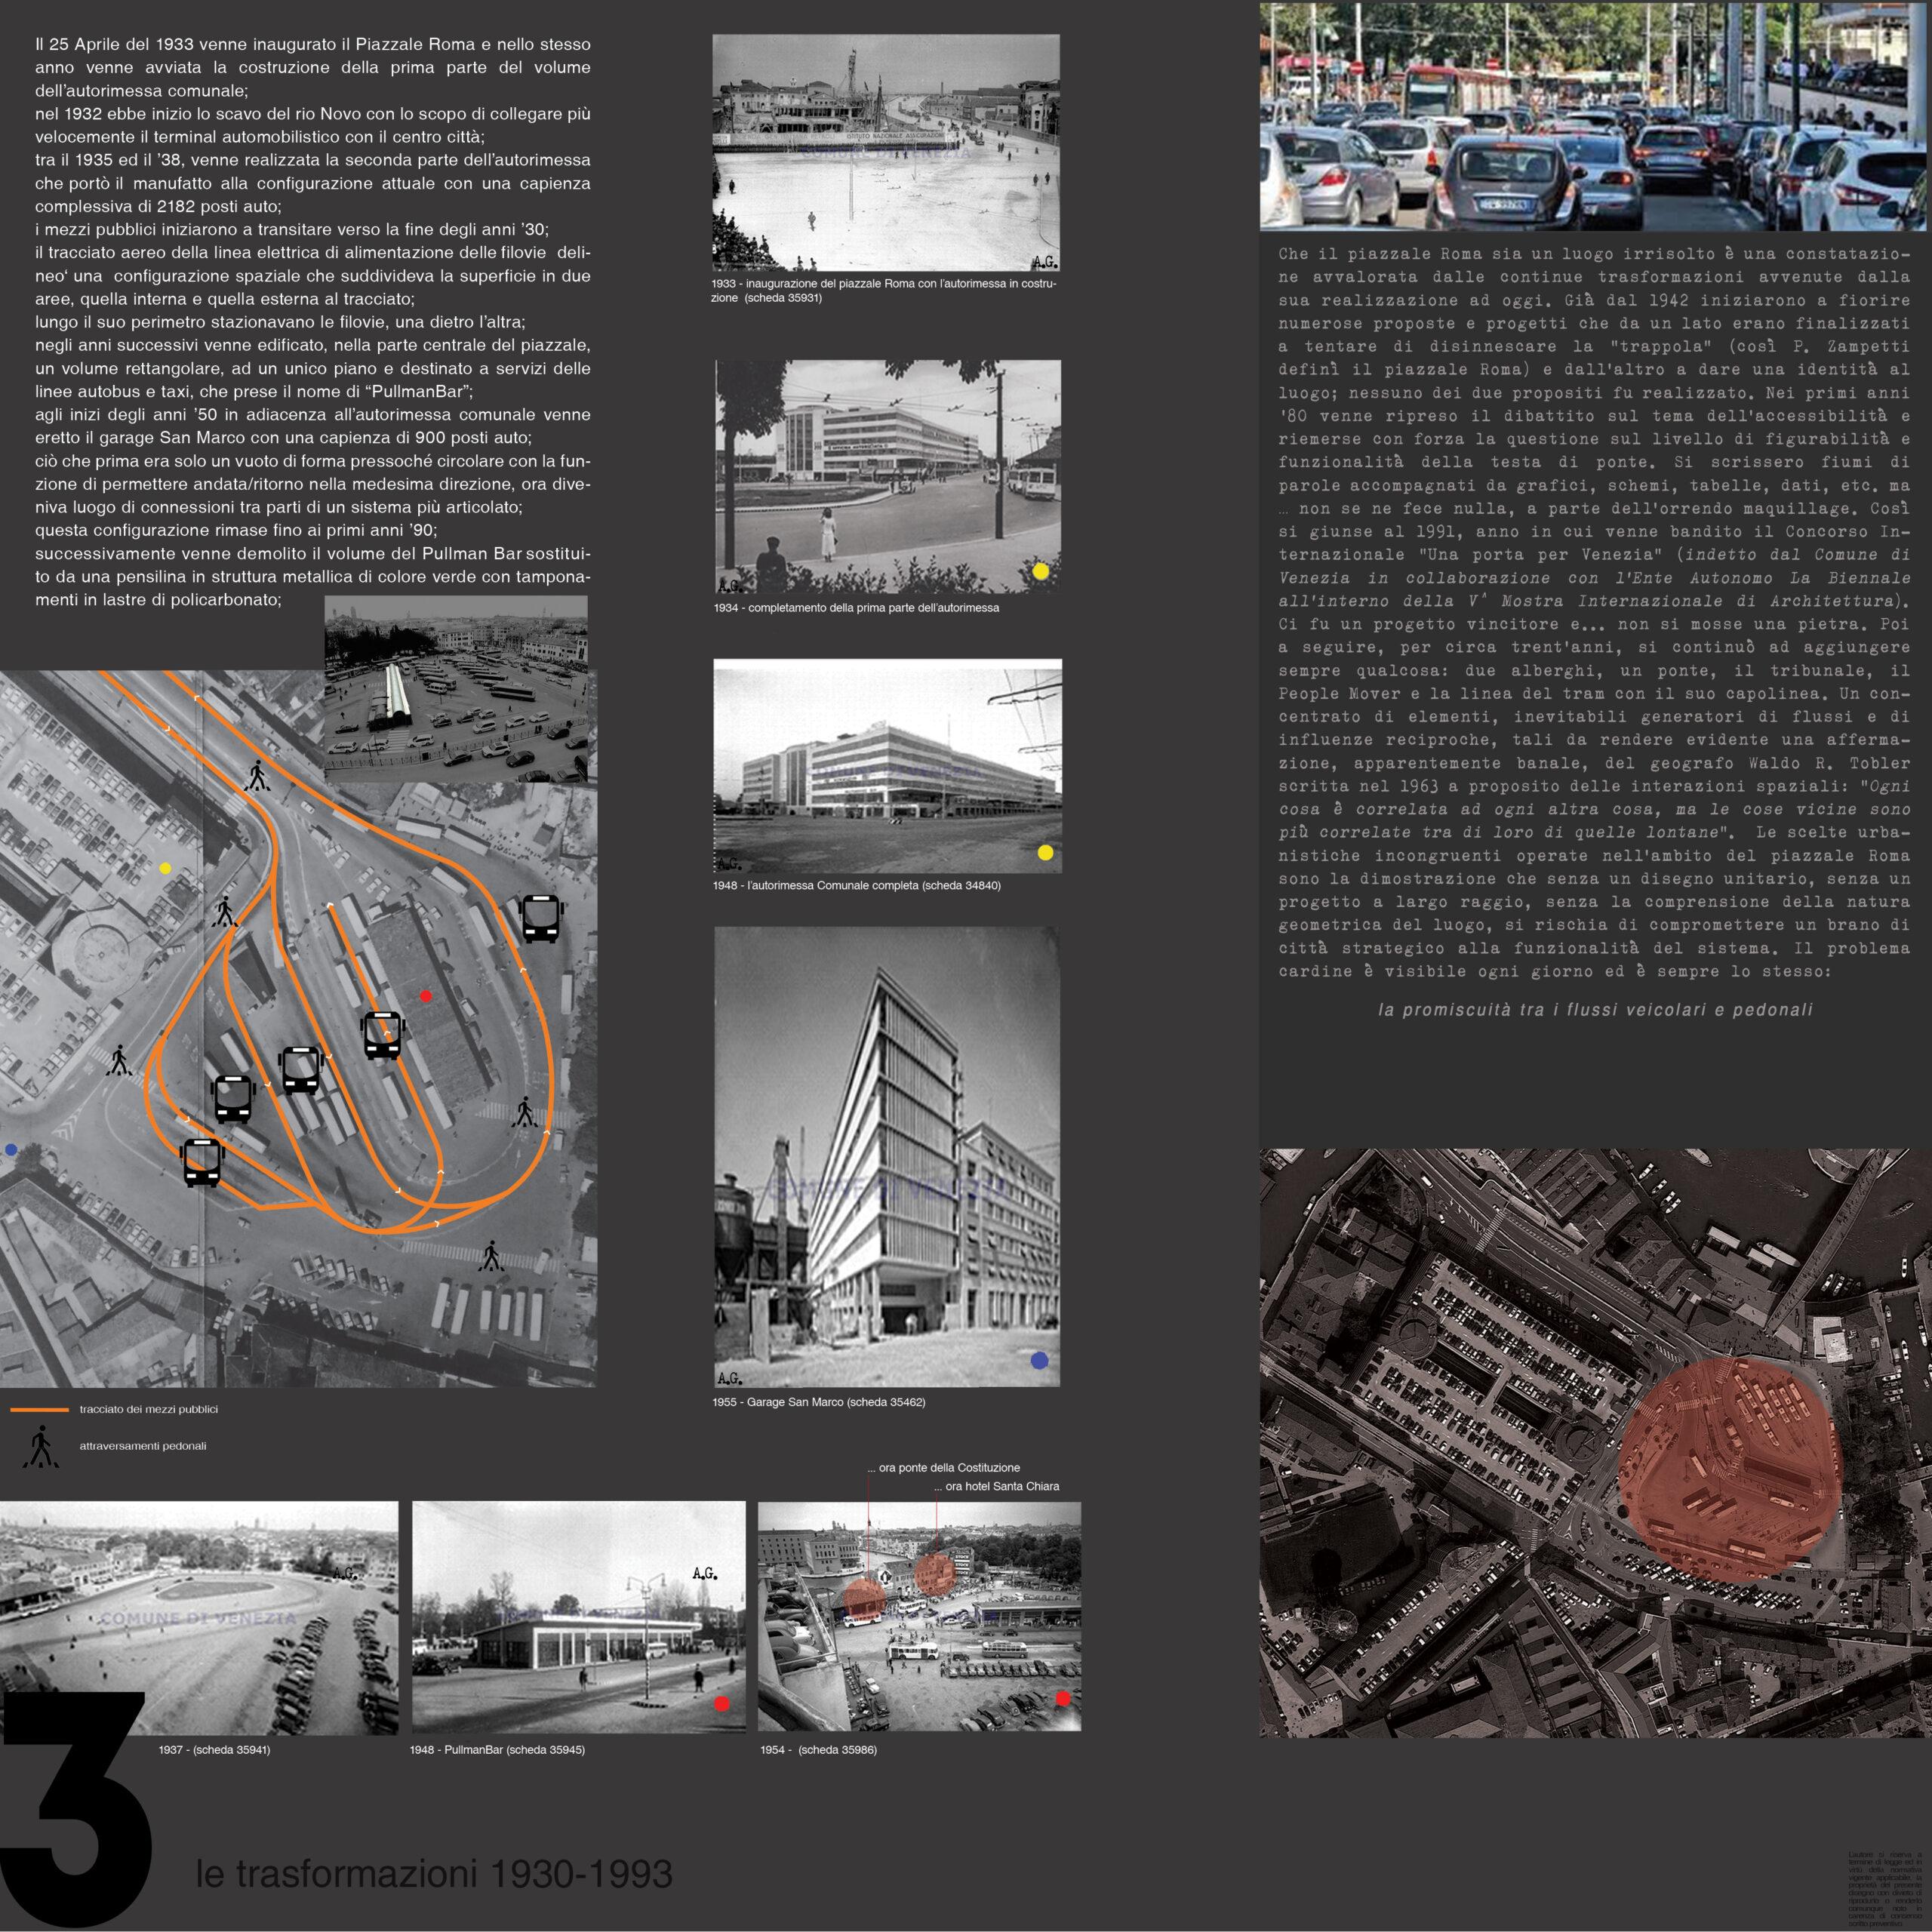 Piazzale Roma_piano di riassetto funzionale 03